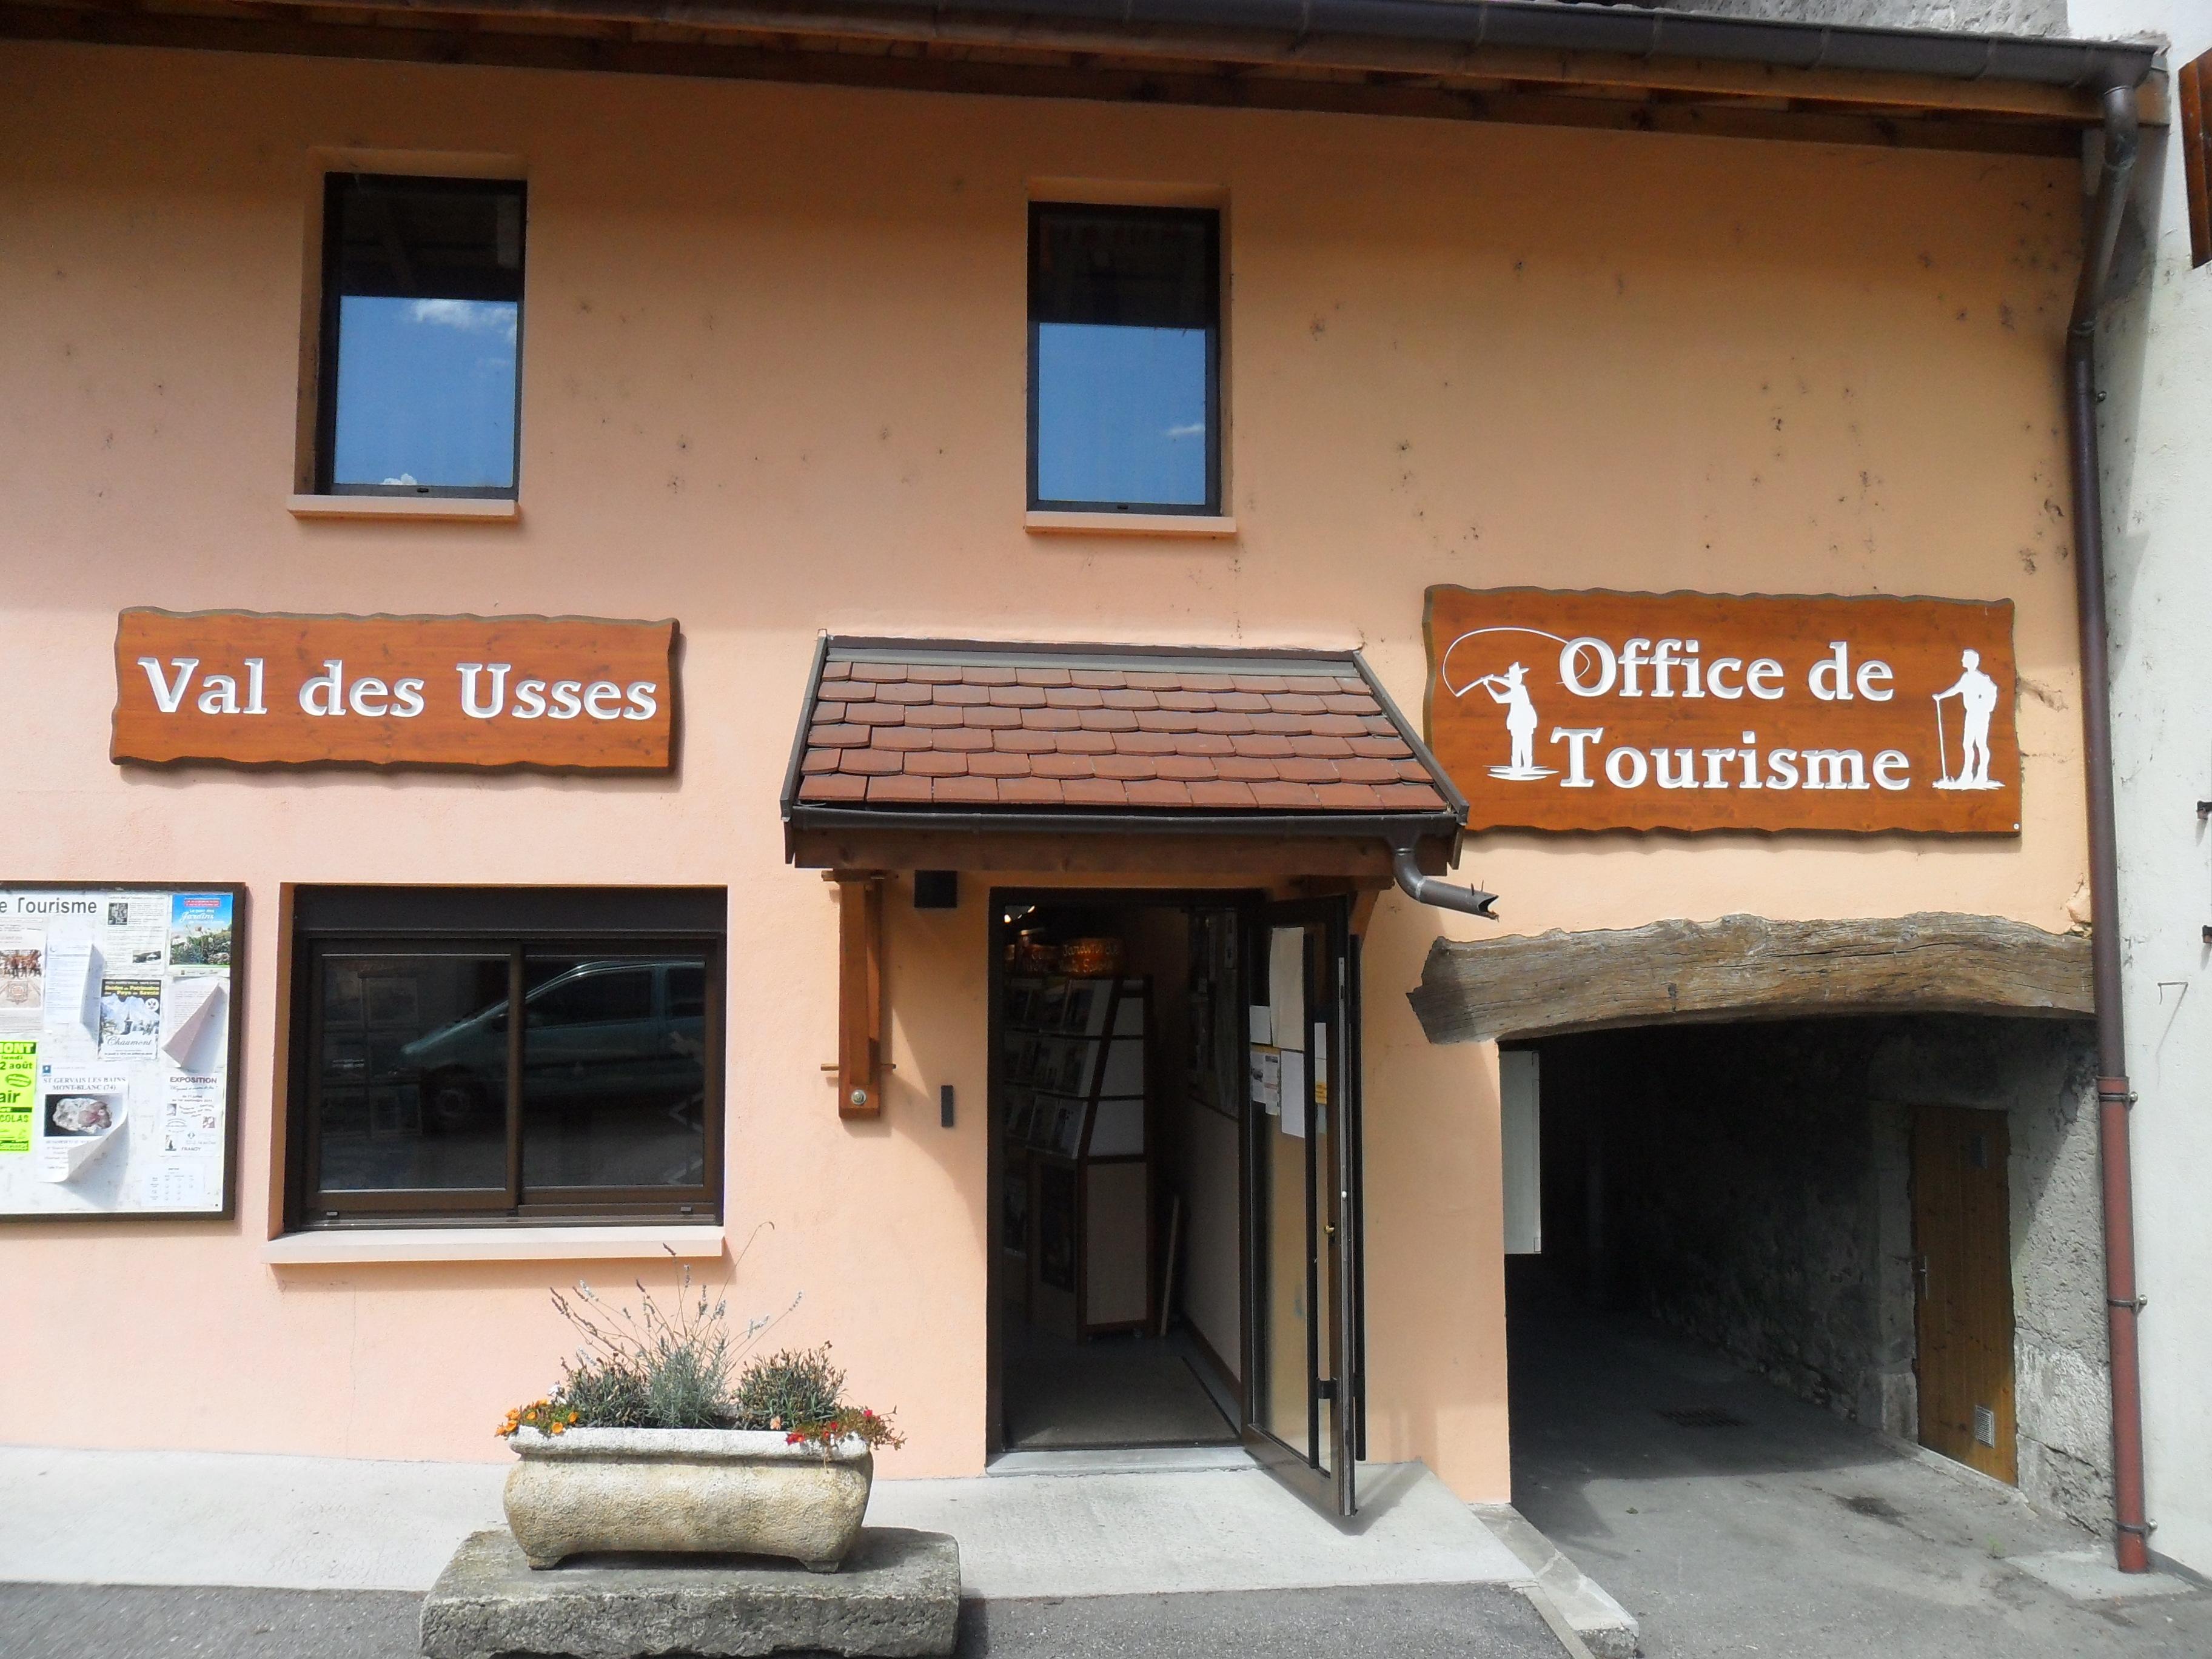 Haut rhône tourisme bureau de frangy in frangy french alps